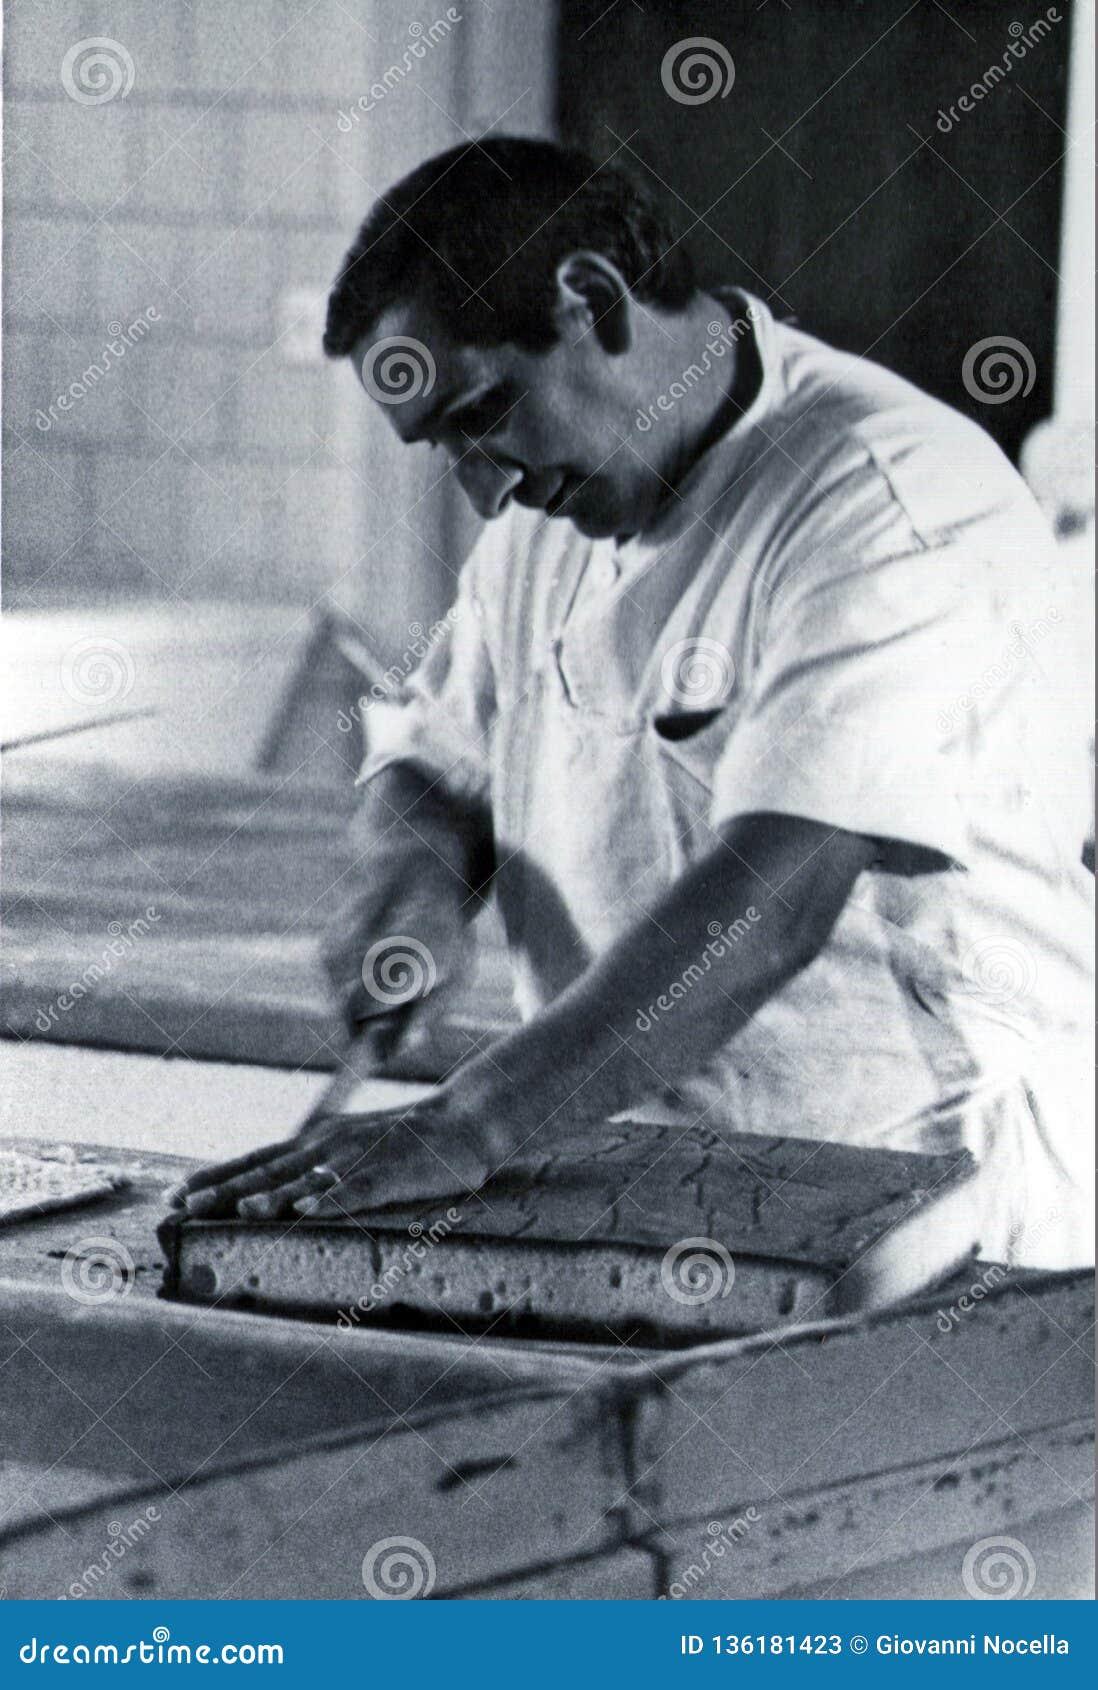 SARDEGNA, ИТАЛИЯ, 1970 - кондитер осторожно режет торт губки подготовленный в его мастерской